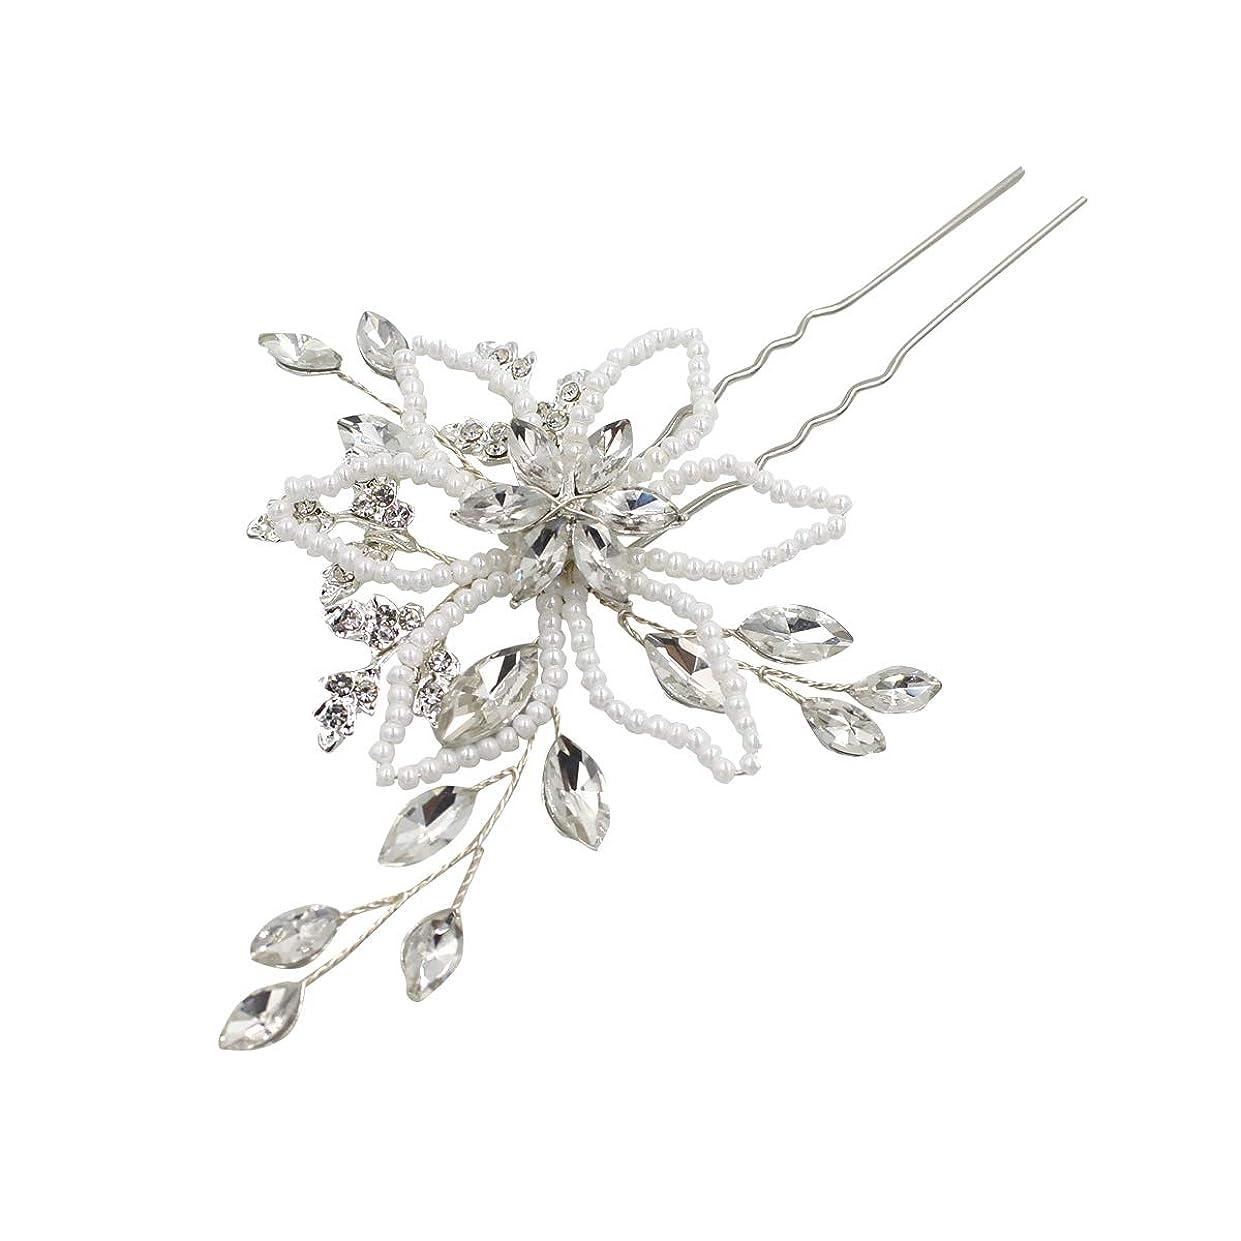 セットアップ採用耳Lurrose 2個結婚式の真珠のヘアピンクリスタルヘアピンクリップヘアアクセサリー花嫁の花嫁介添人女性の女性(サイズSとサイズL各1個)